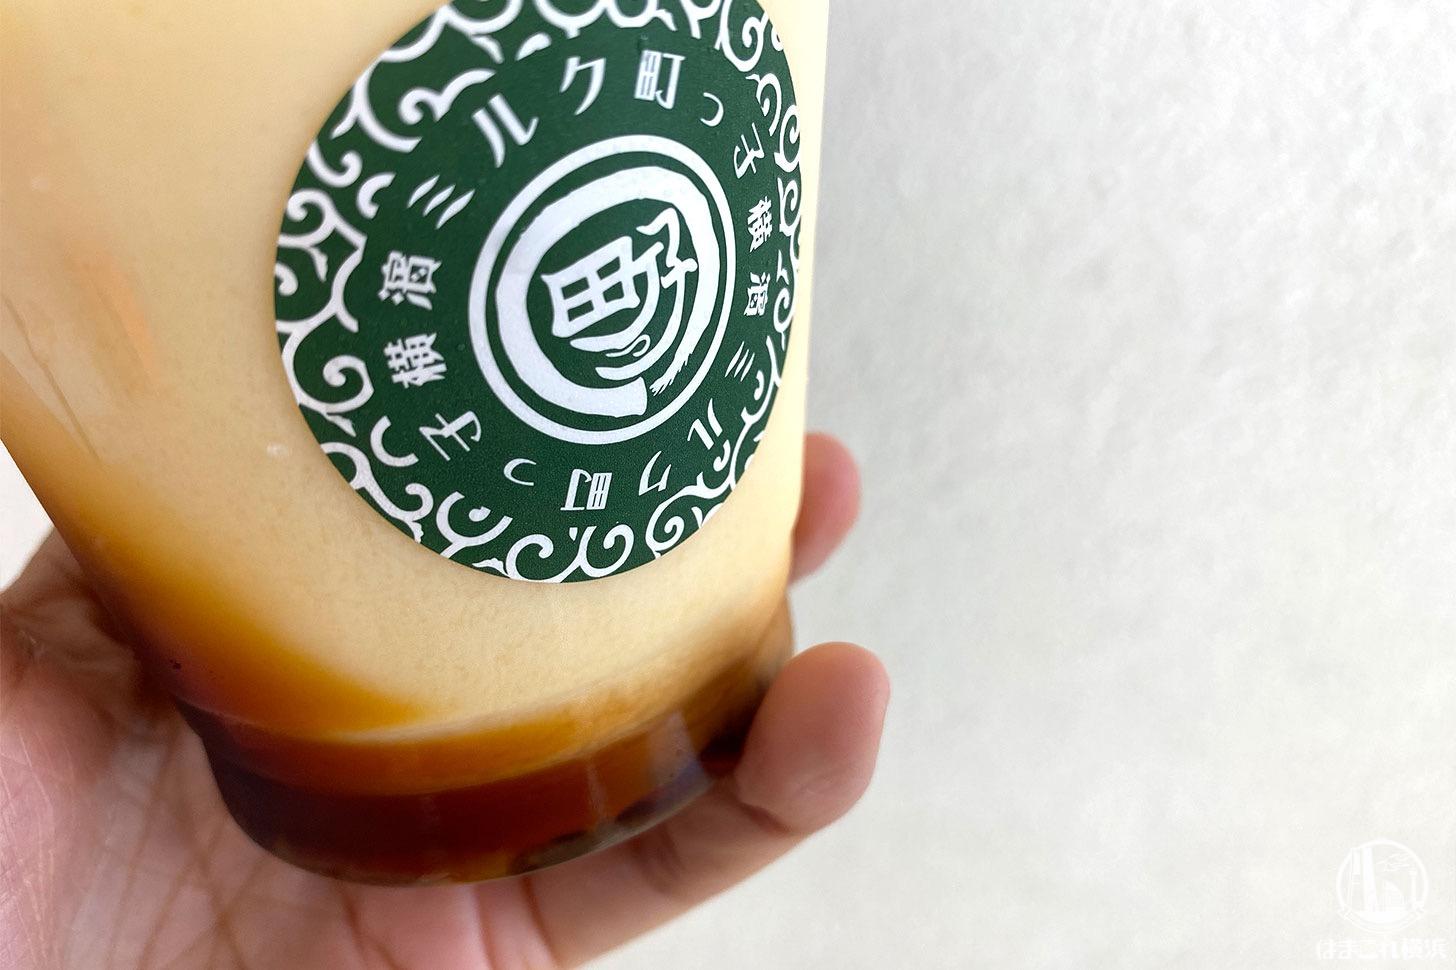 プリン専門店「横濱ミルク 町っ子」飲む生プリン